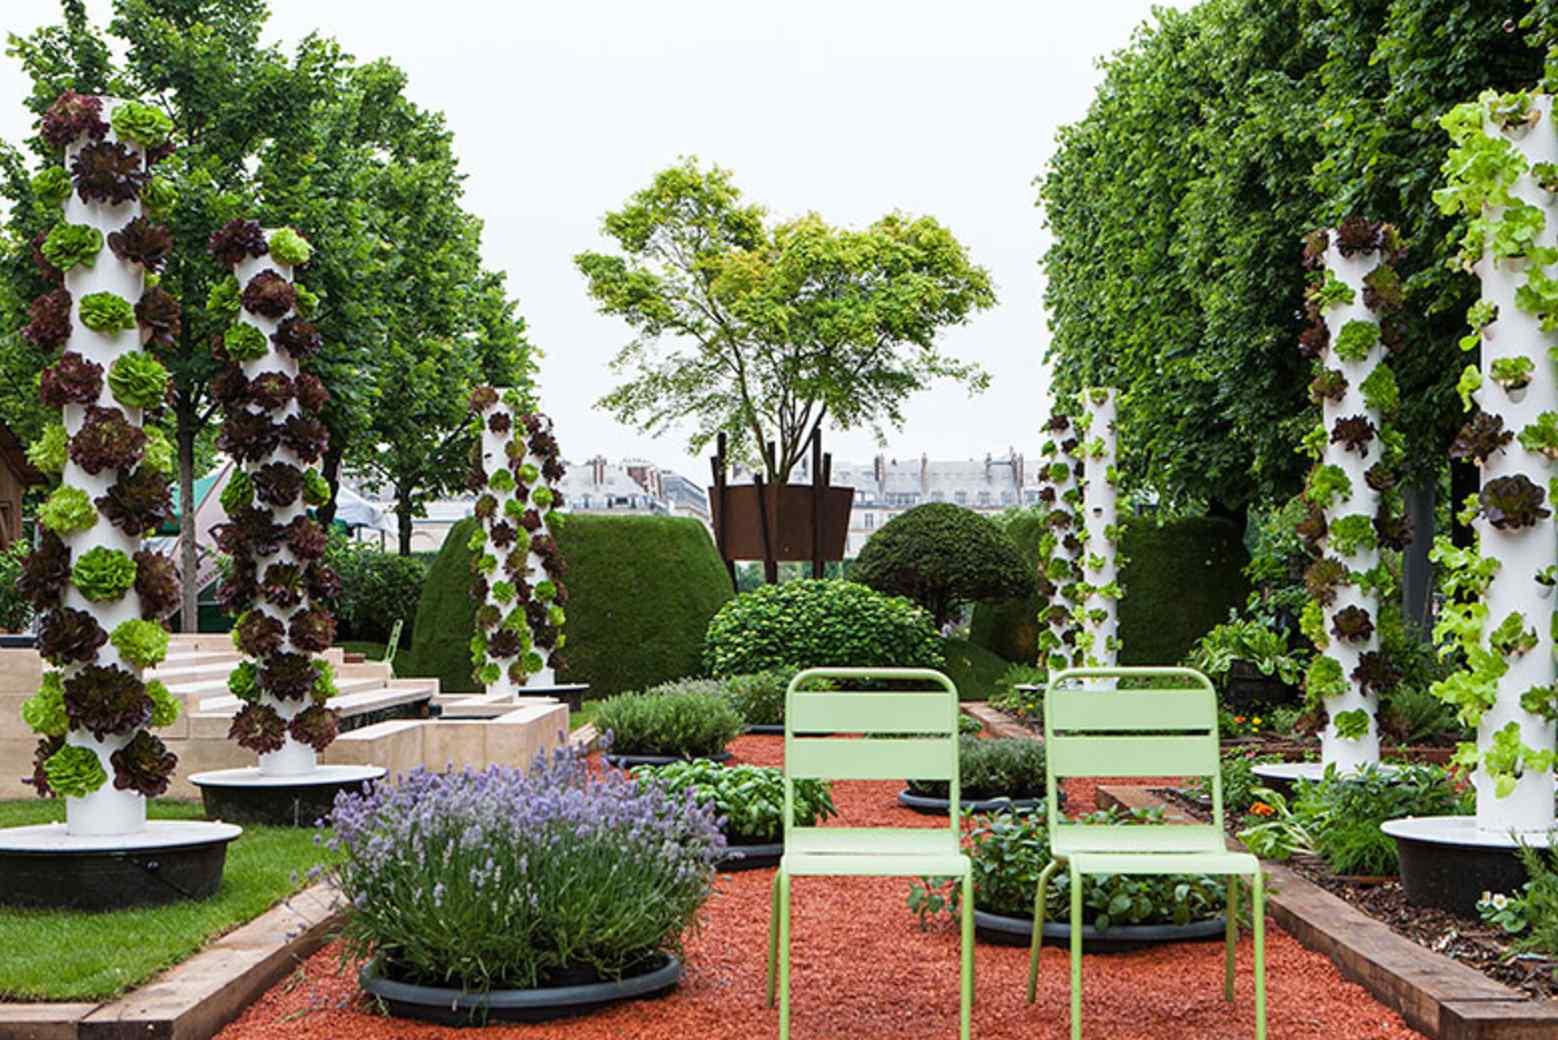 Jardins, Jardin aux tuileries 2016, création de Olivier Riols pour Capsel Paysage